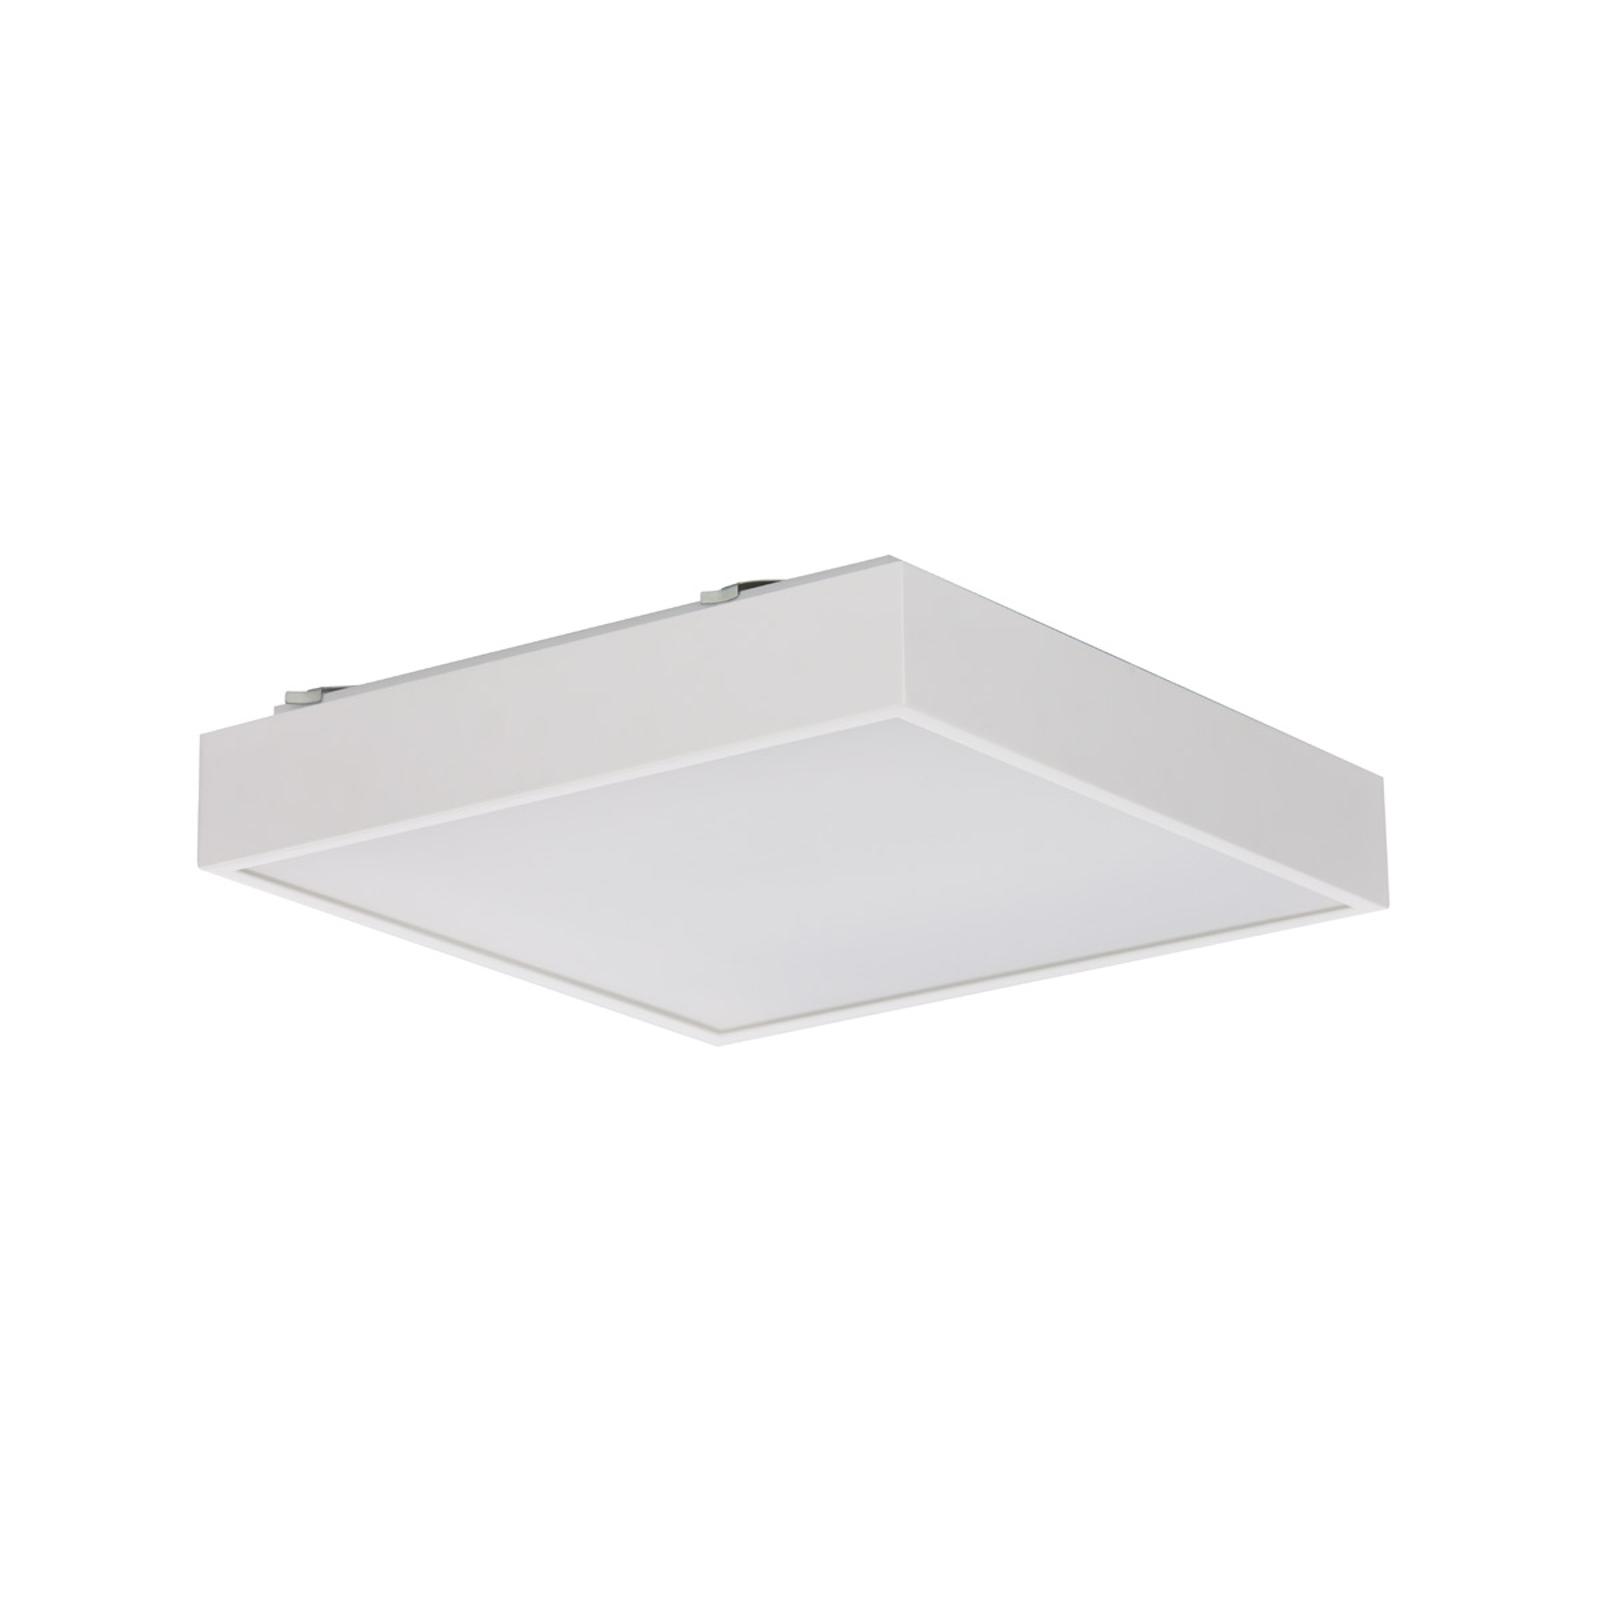 Q4 LED-kattovalaisin valkoinen DALI